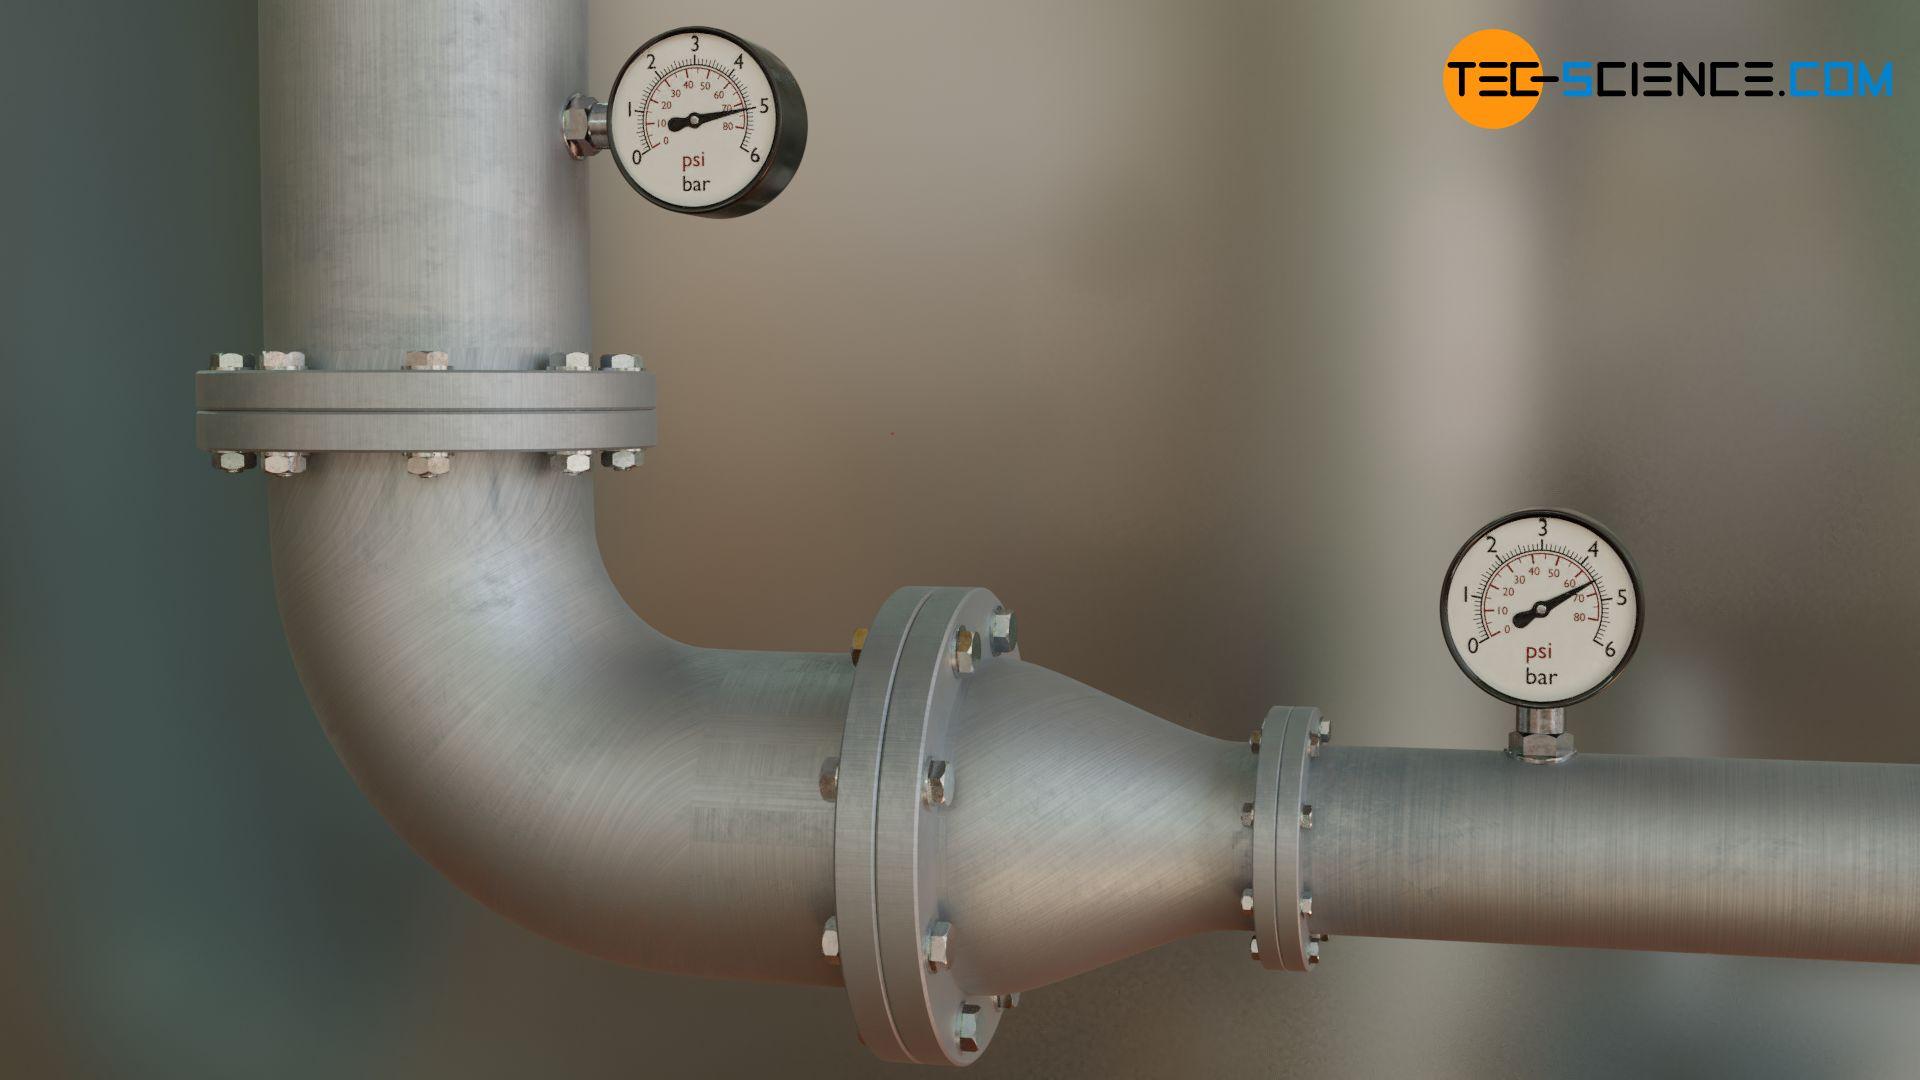 Druckmessung an einem Rohrsystem